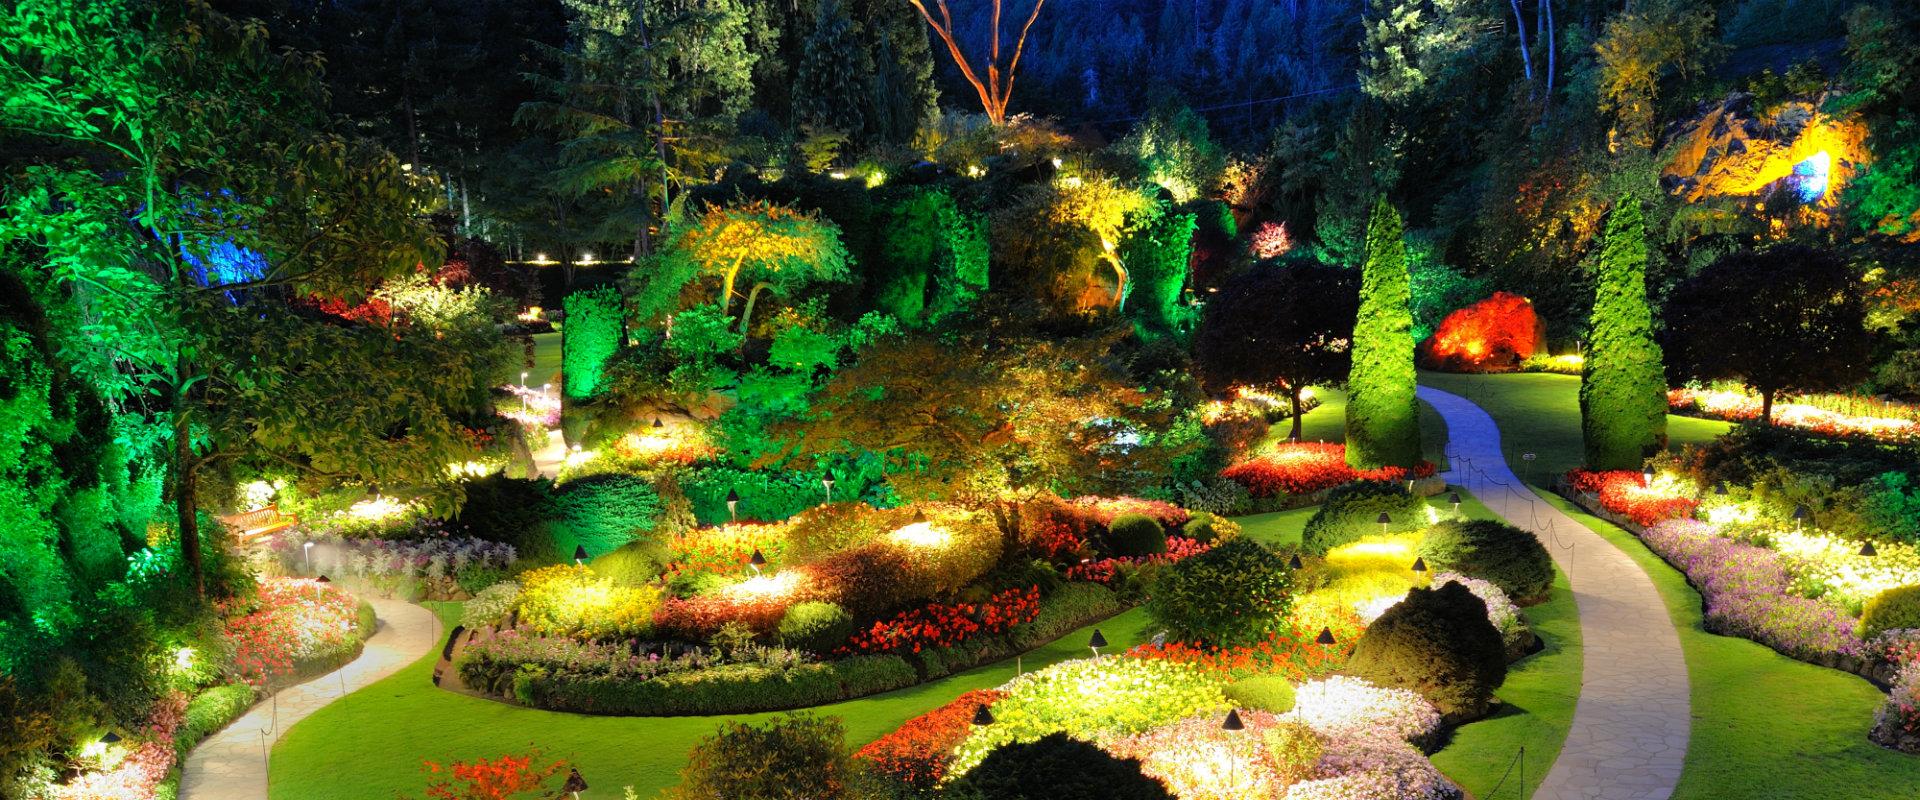 Une idée de déco le jardin avec différentes lumières